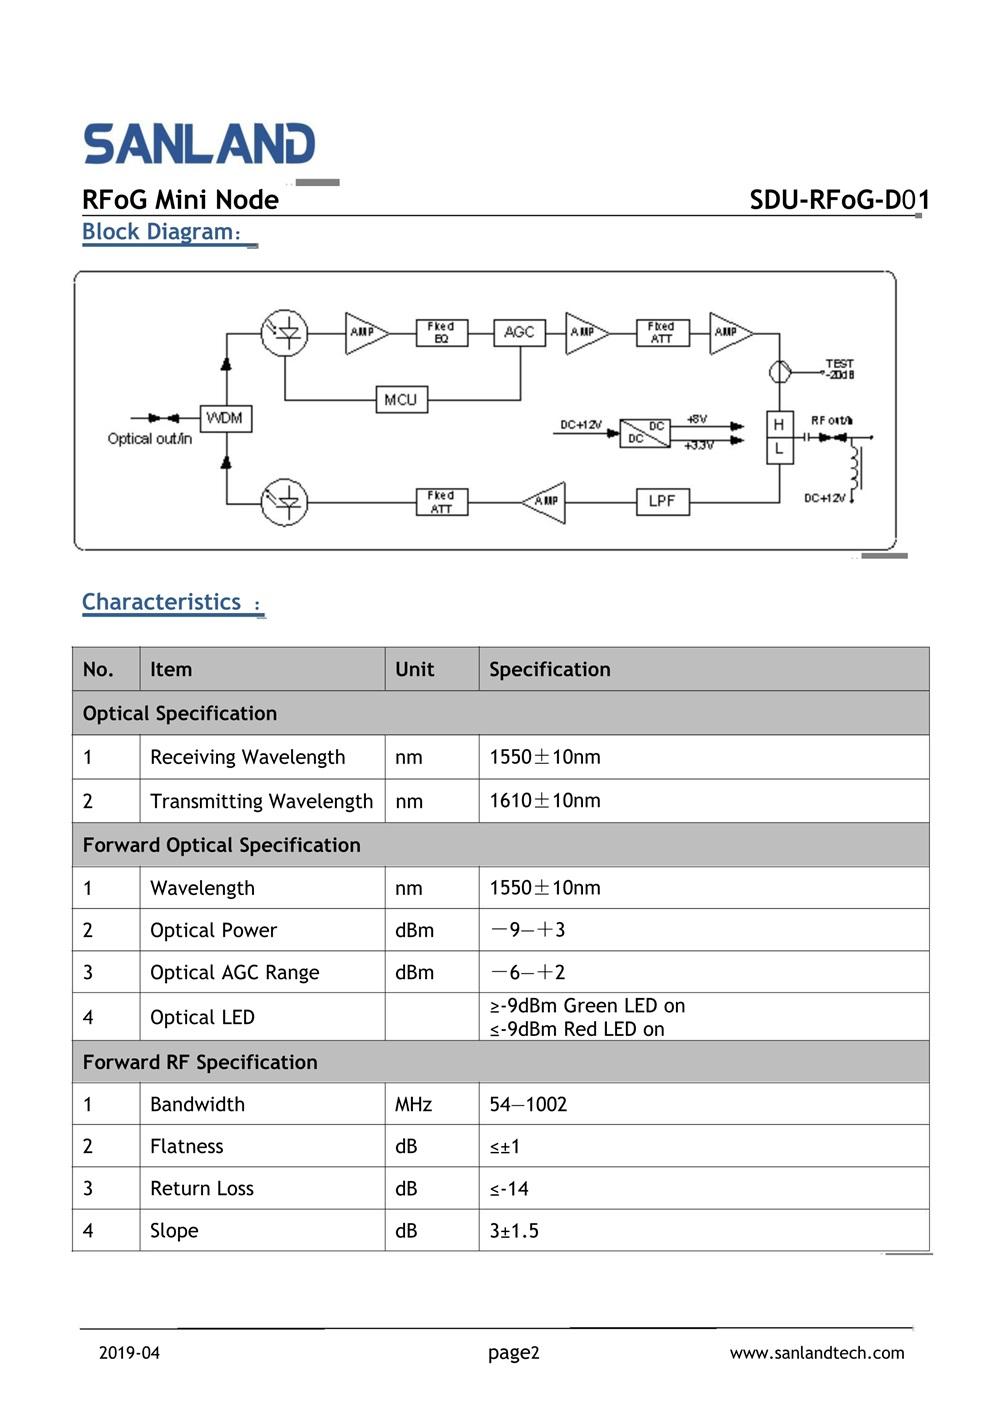 SDU-RFoG-D01